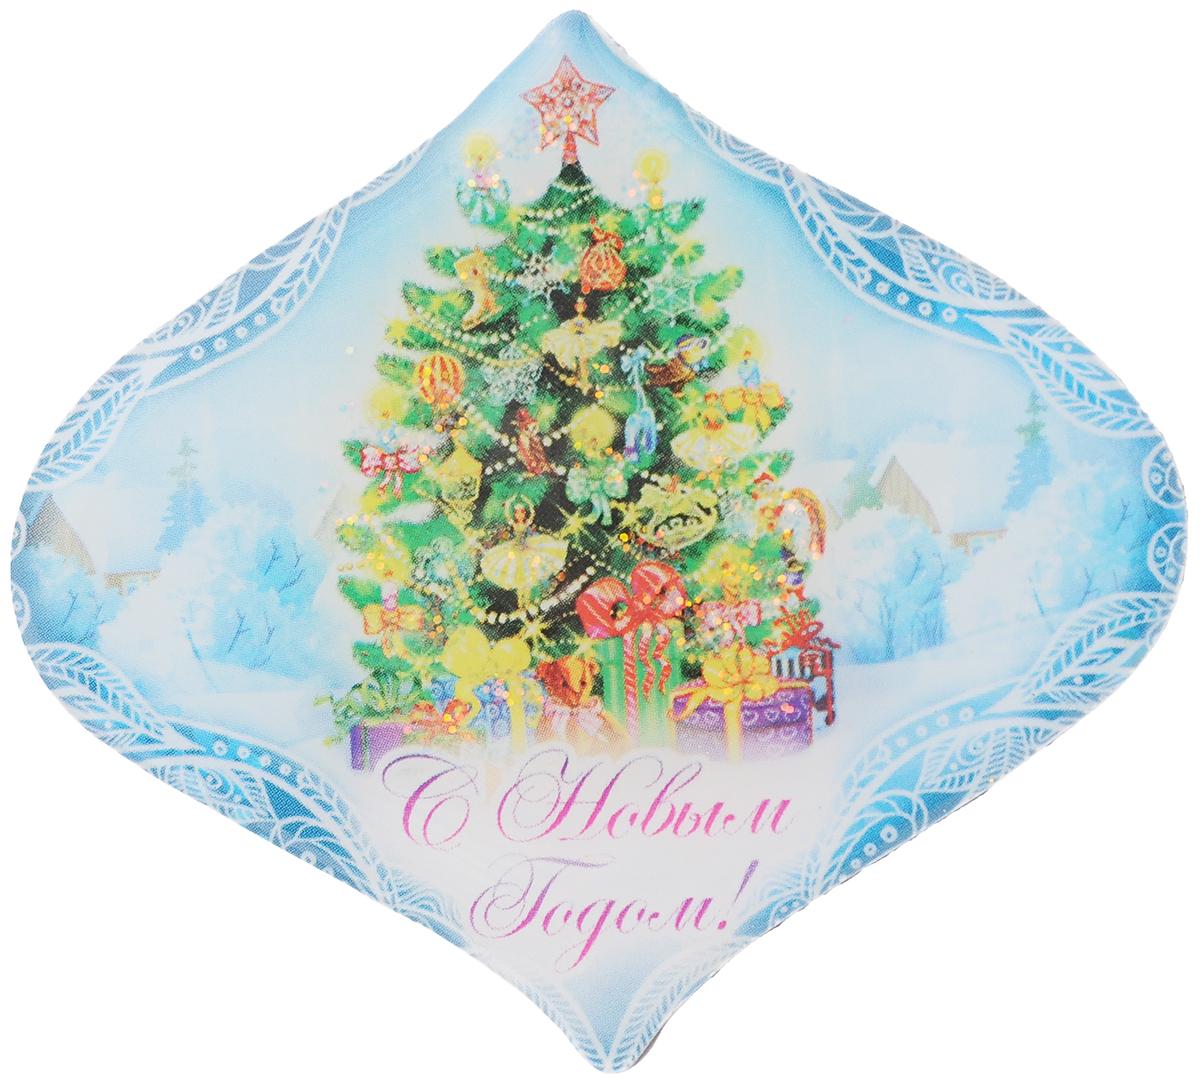 Магнит декоративный Magic Time Пушистая елочка, 6,7 x 6 см42294Магнит Magic Time Пушистая елочка, выполненный из агломерированного феррита, прекрасно подойдет в качестве сувенира к Новому году или станет приятным презентом в обычный день. Магнит - одно из самых простых, недорогих и при этом оригинальных украшений интерьера. Он поможет вам украсить не только холодильник, но и любую другую магнитную поверхность. Размер: 6,7 х 6 см. Материал: агломерированный феррит.